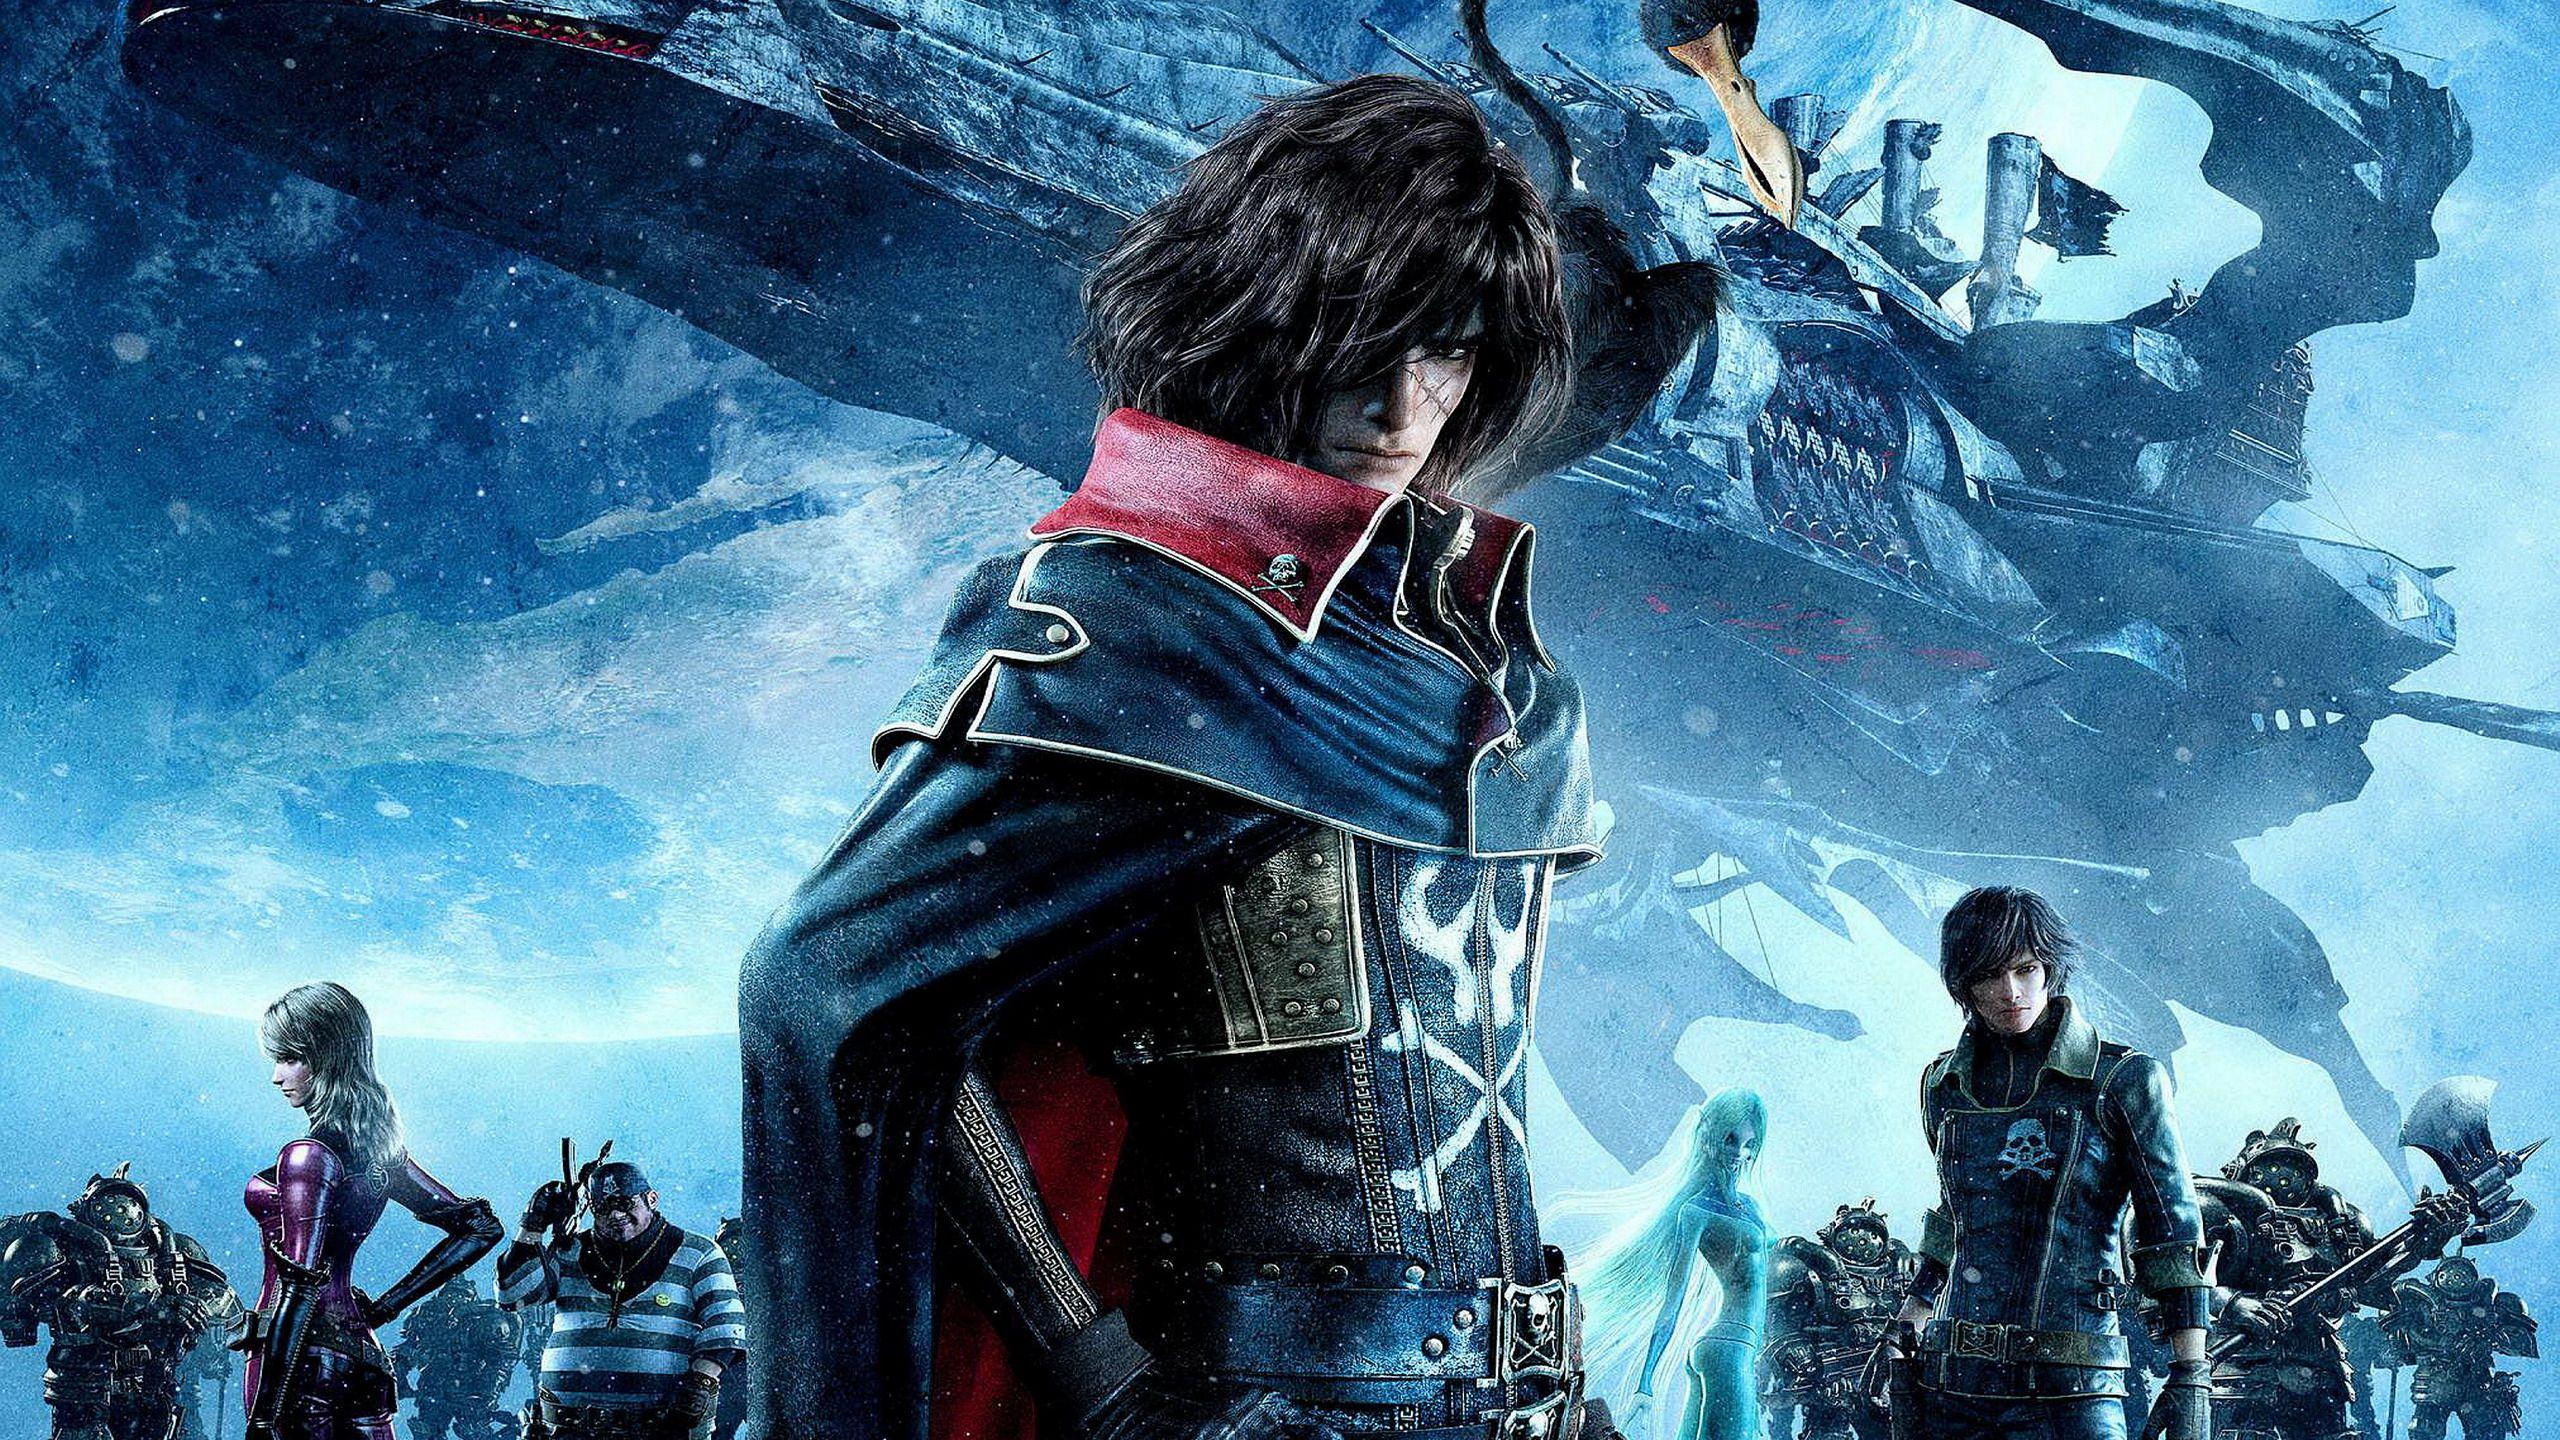 Albator, corsaire de l'espace - Blu-Ray (キャプテンハーロック) est un animé de MATSUMOTO Leiji, paru le 30 Avril 2014 en blu-ray chez First International Production. - Critique du Blu-Ray